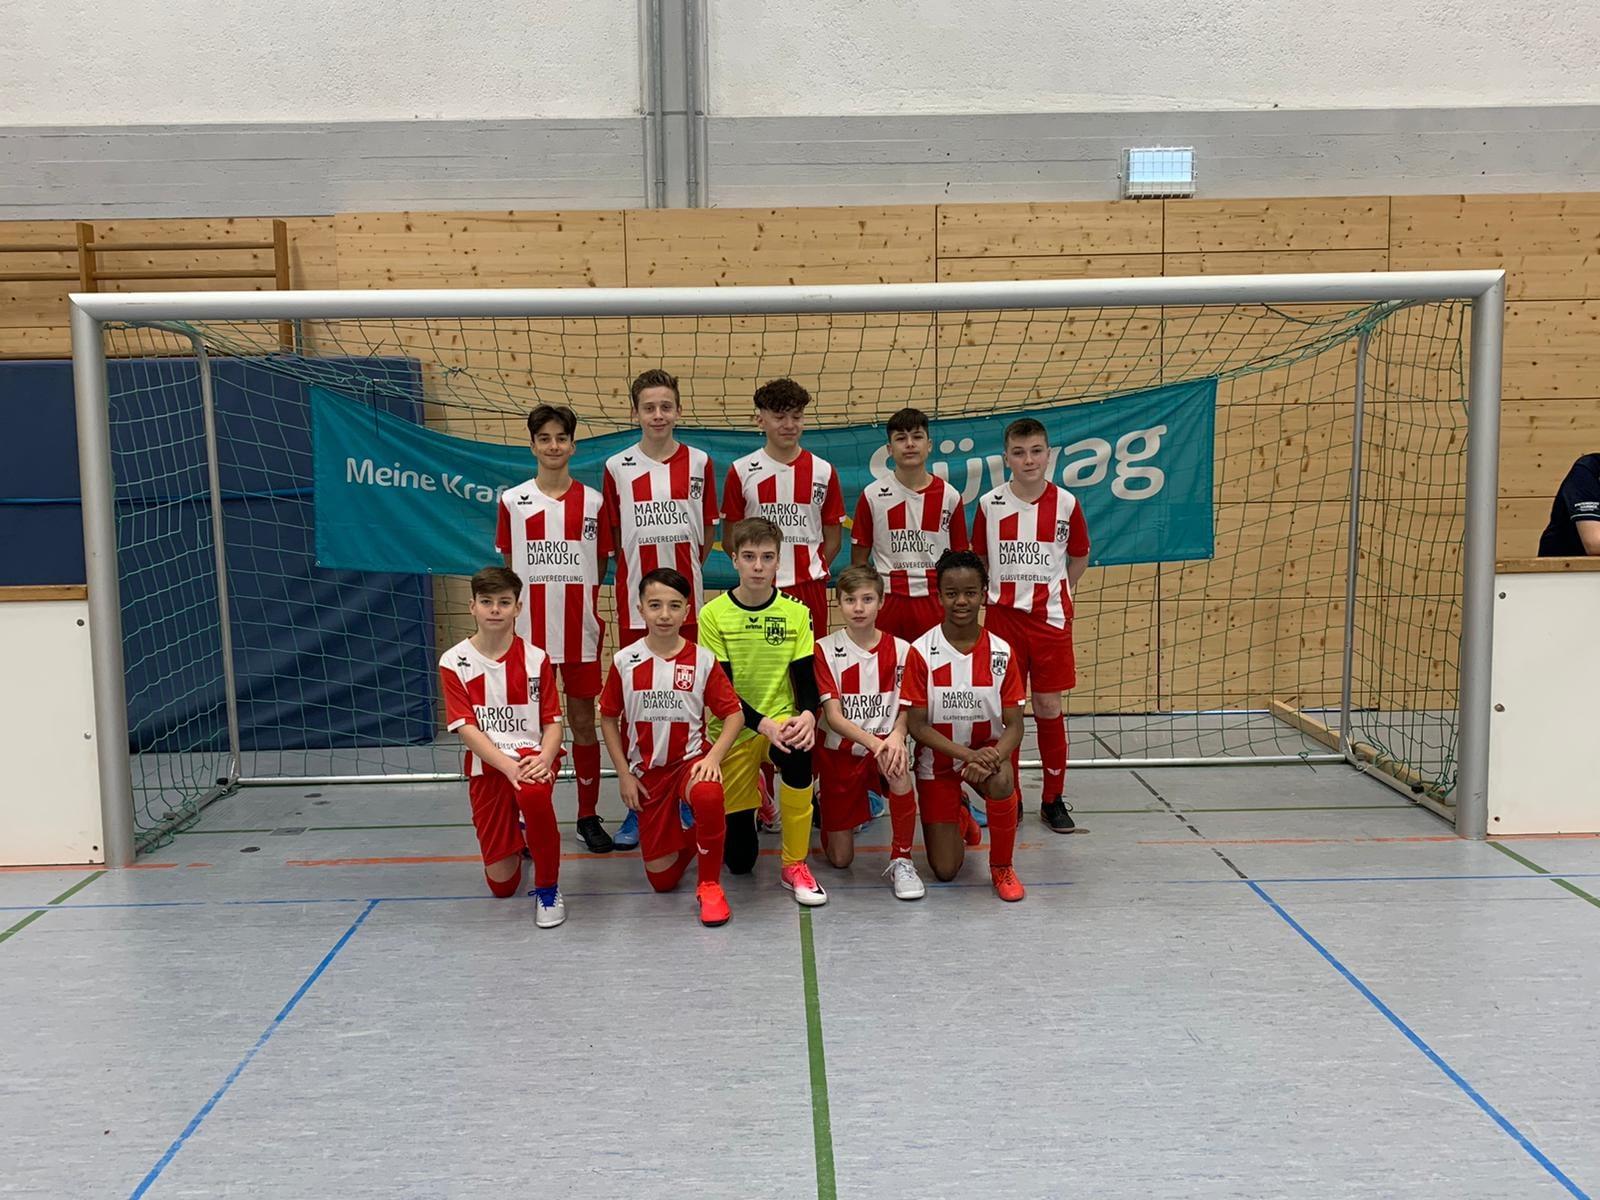 C-Junioren - FC Hennef - Süwag Hallencup 2020